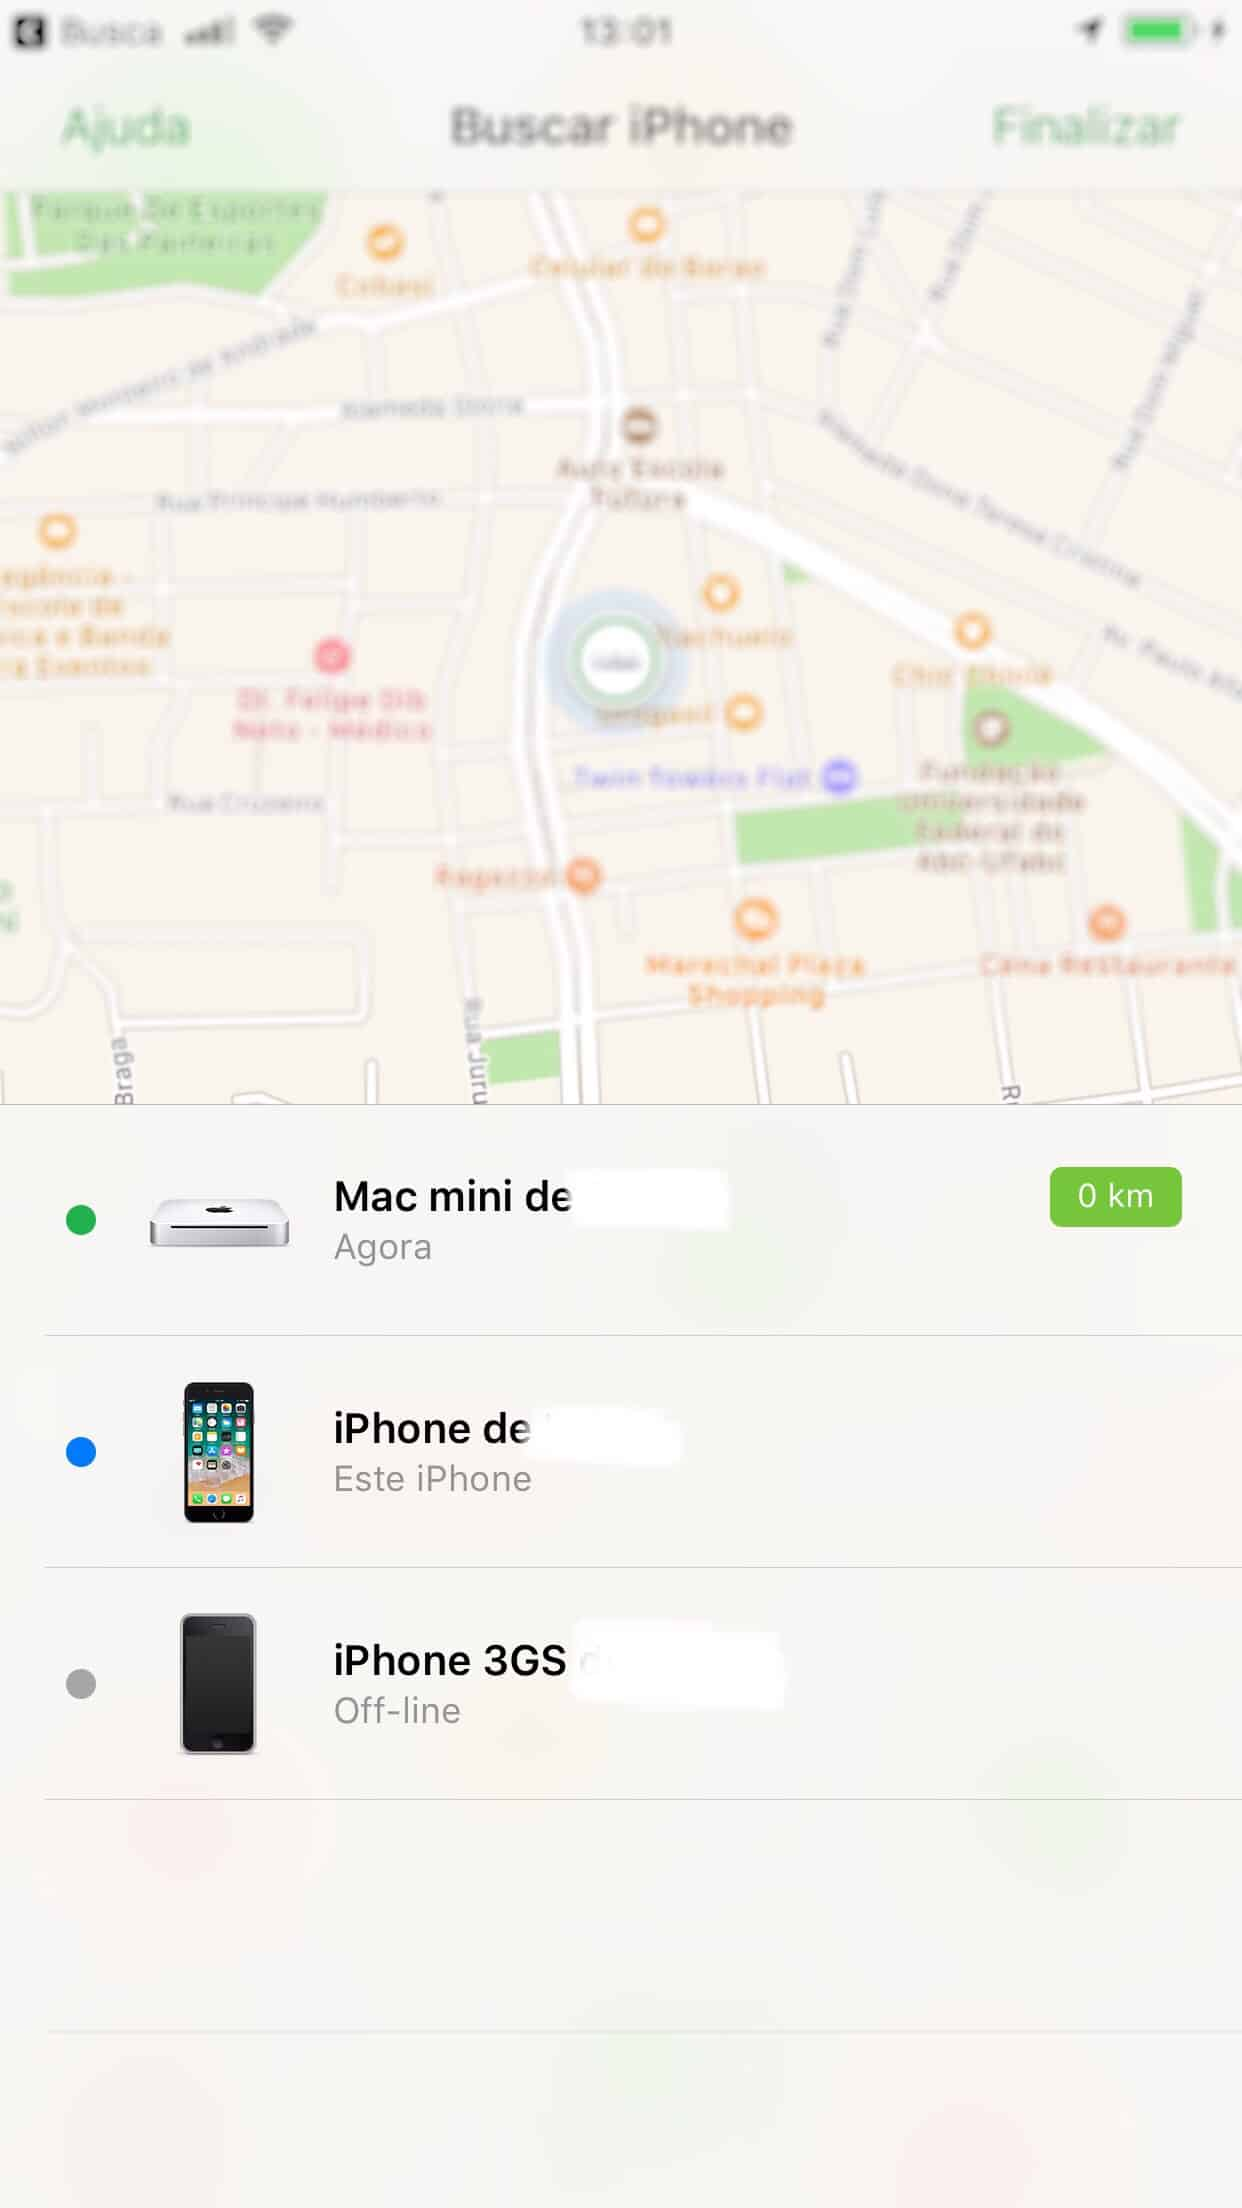 captura de tela com um mapa e uma lita com tres dispositivos apple